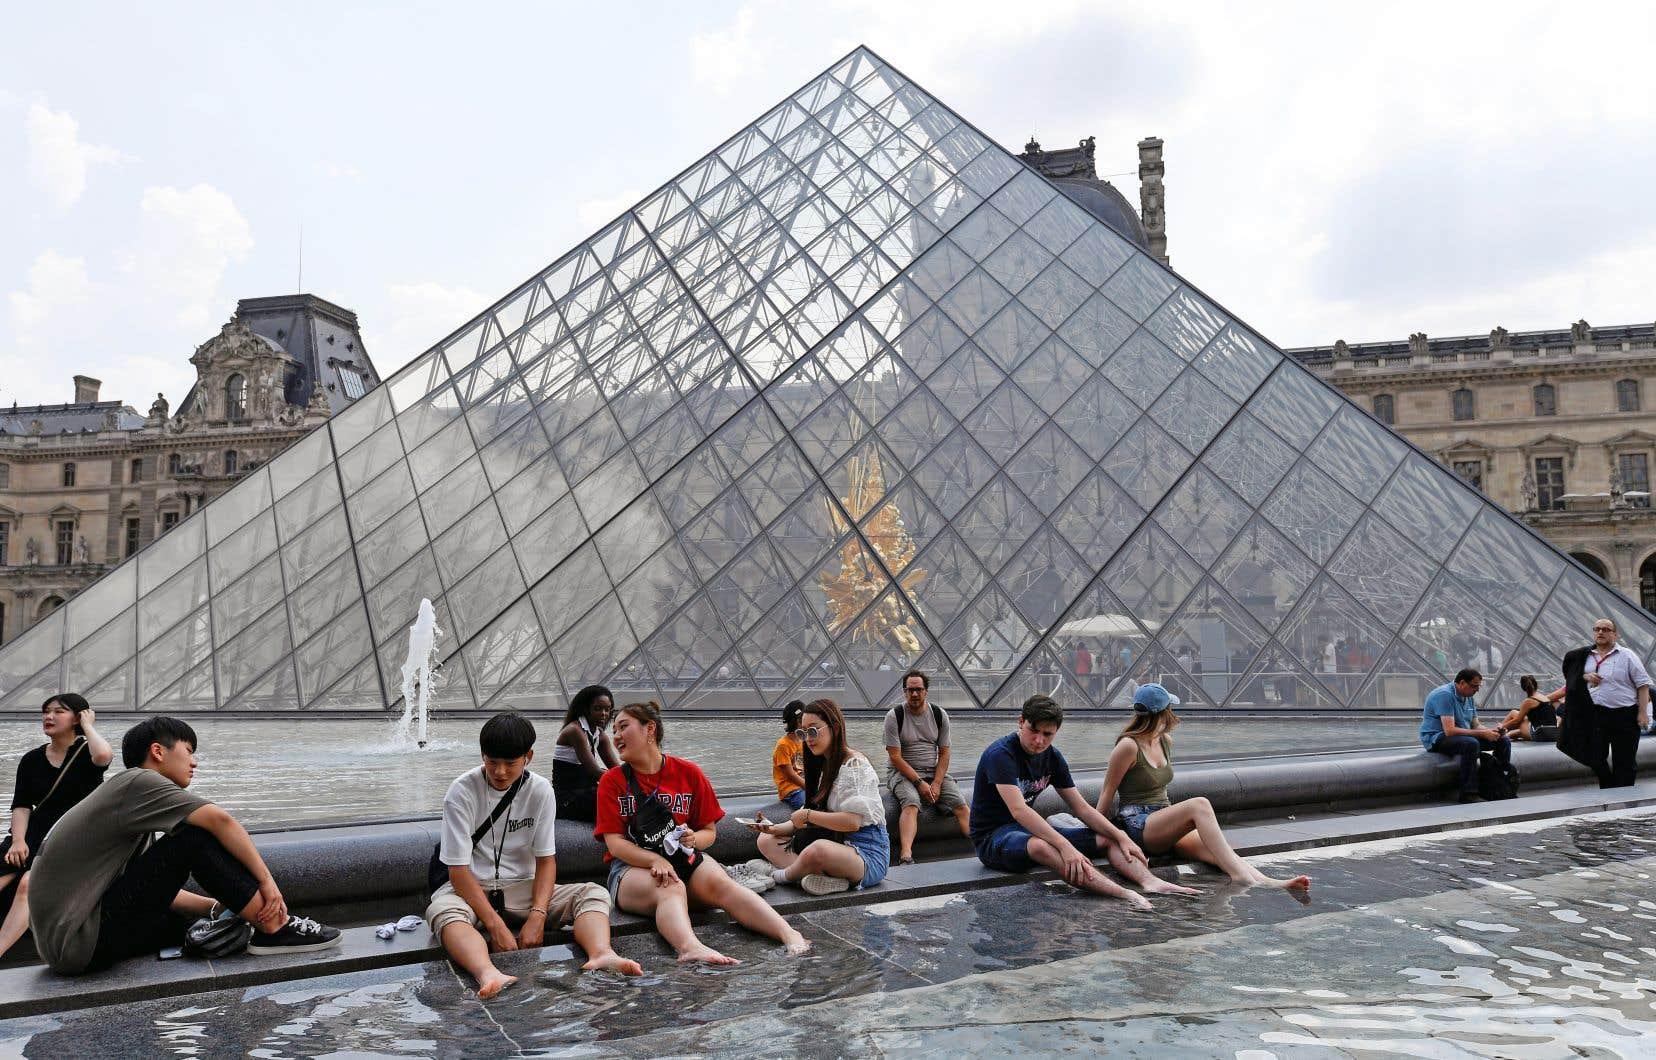 Des visiteurs à la recherche d'un peu de fraîcheur près de la pyramide du Louvre, à Paris, en juillet dernier